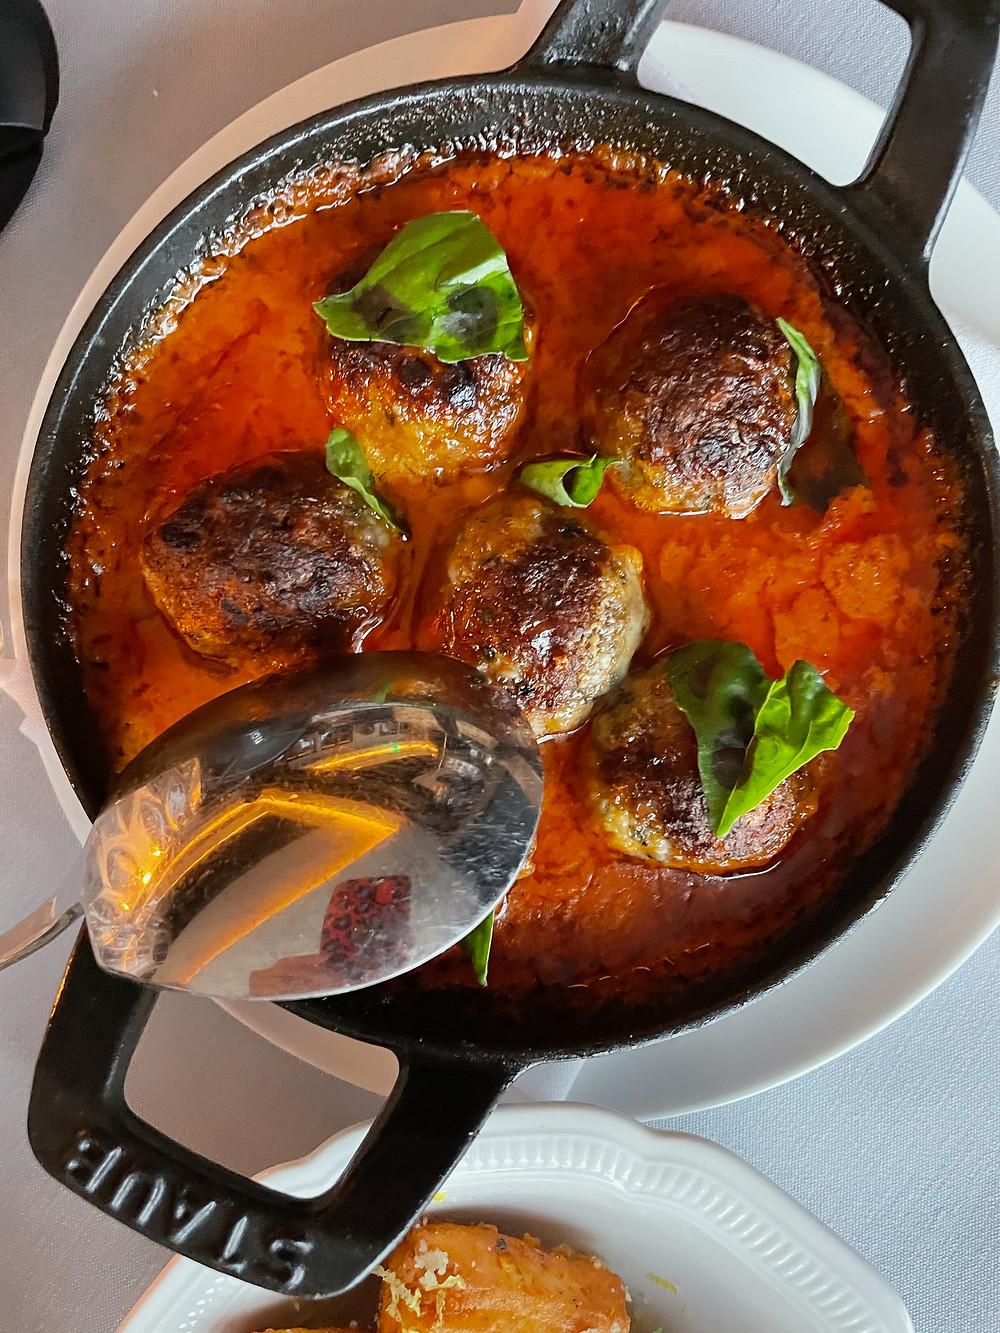 Signature meatballs in rich tomato sauce.